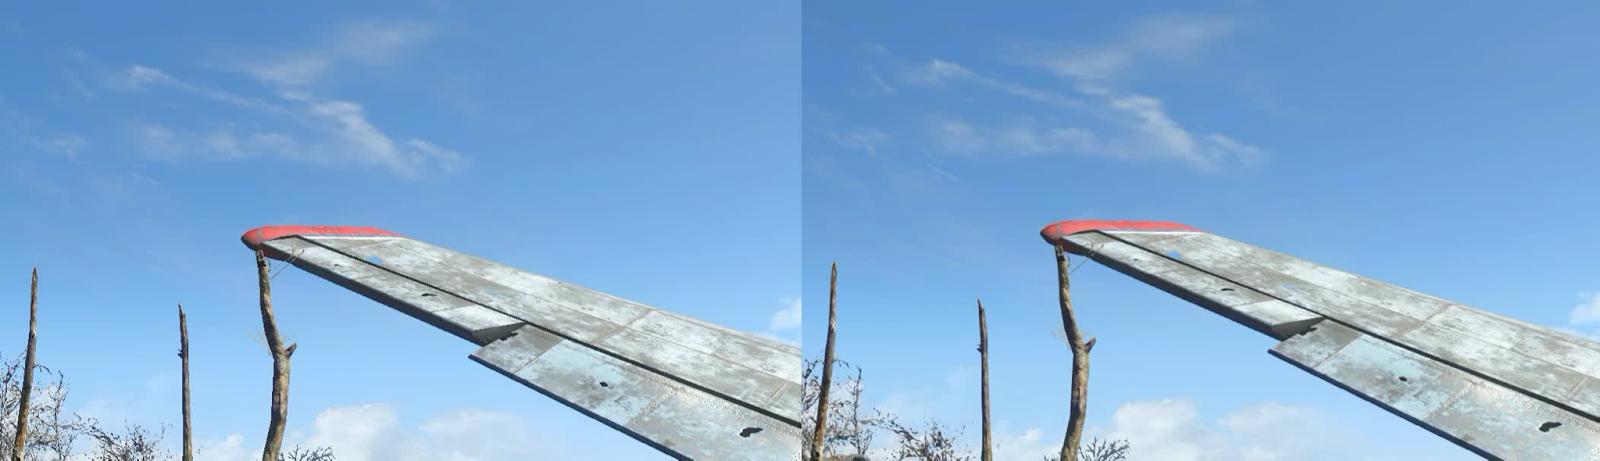 Без AA (слева) и FXAA (справа) — обратите внимание, что деревья и элероны на крыле выглядят намного более гладкими